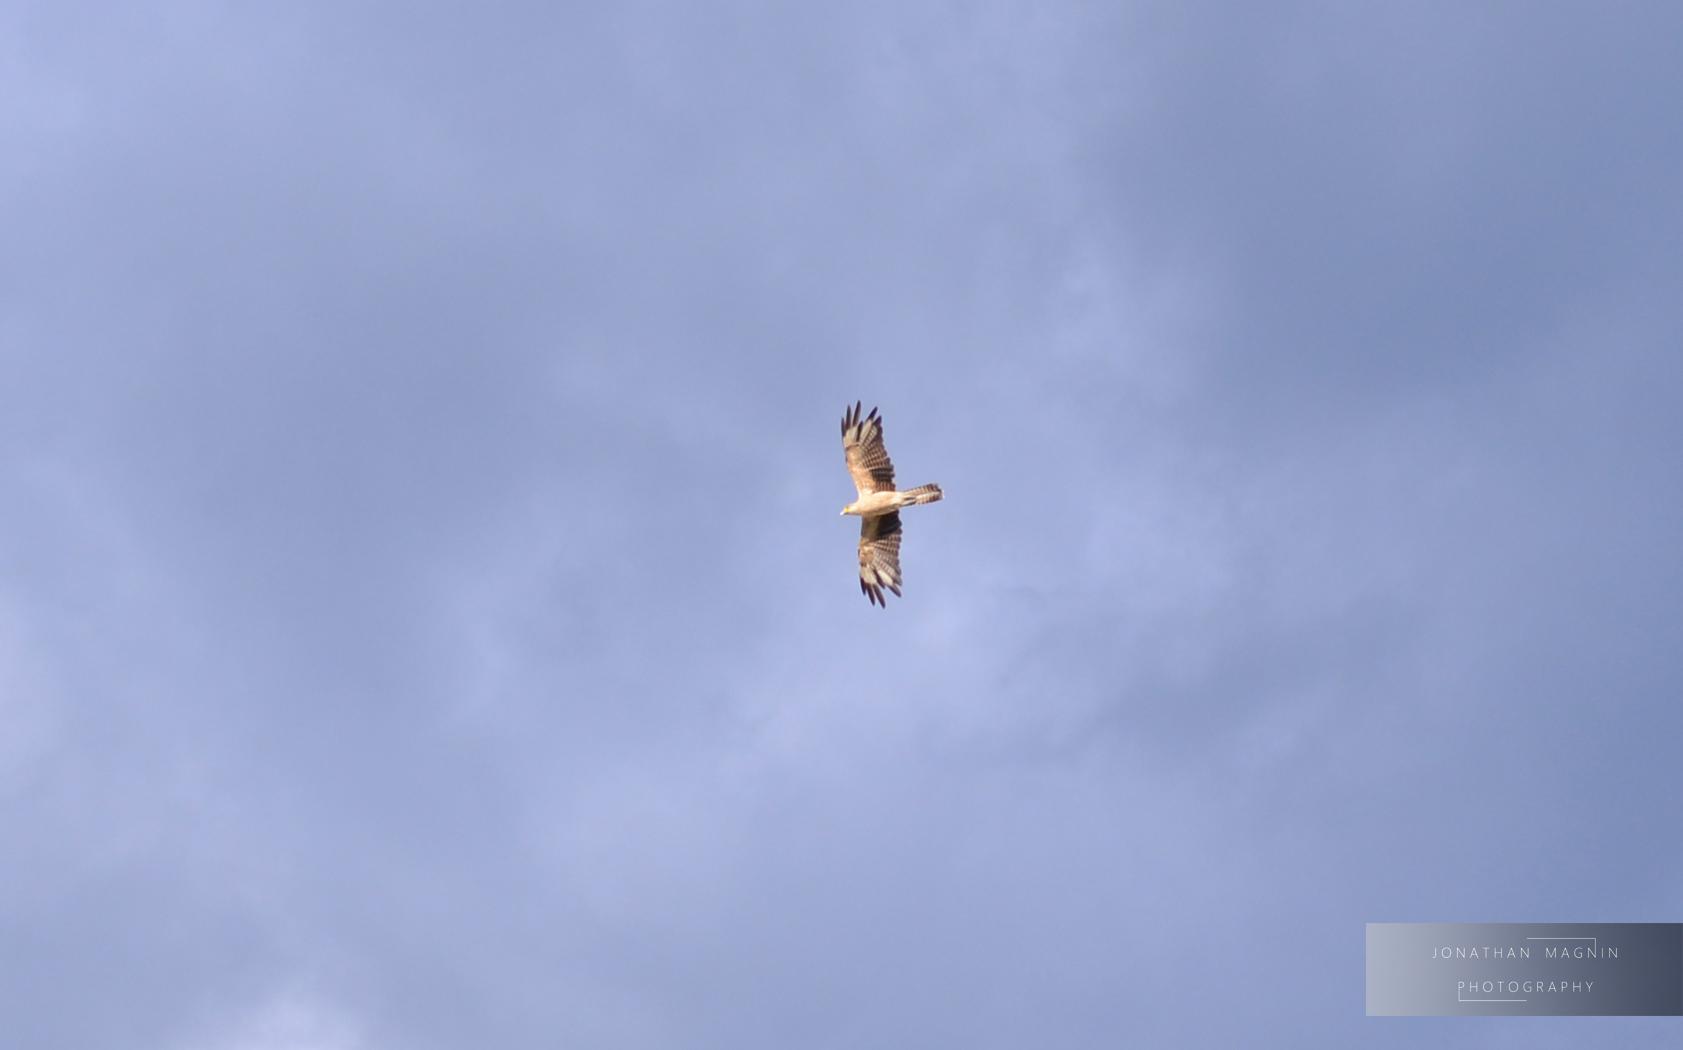 Eagle © Jonathan Magnin